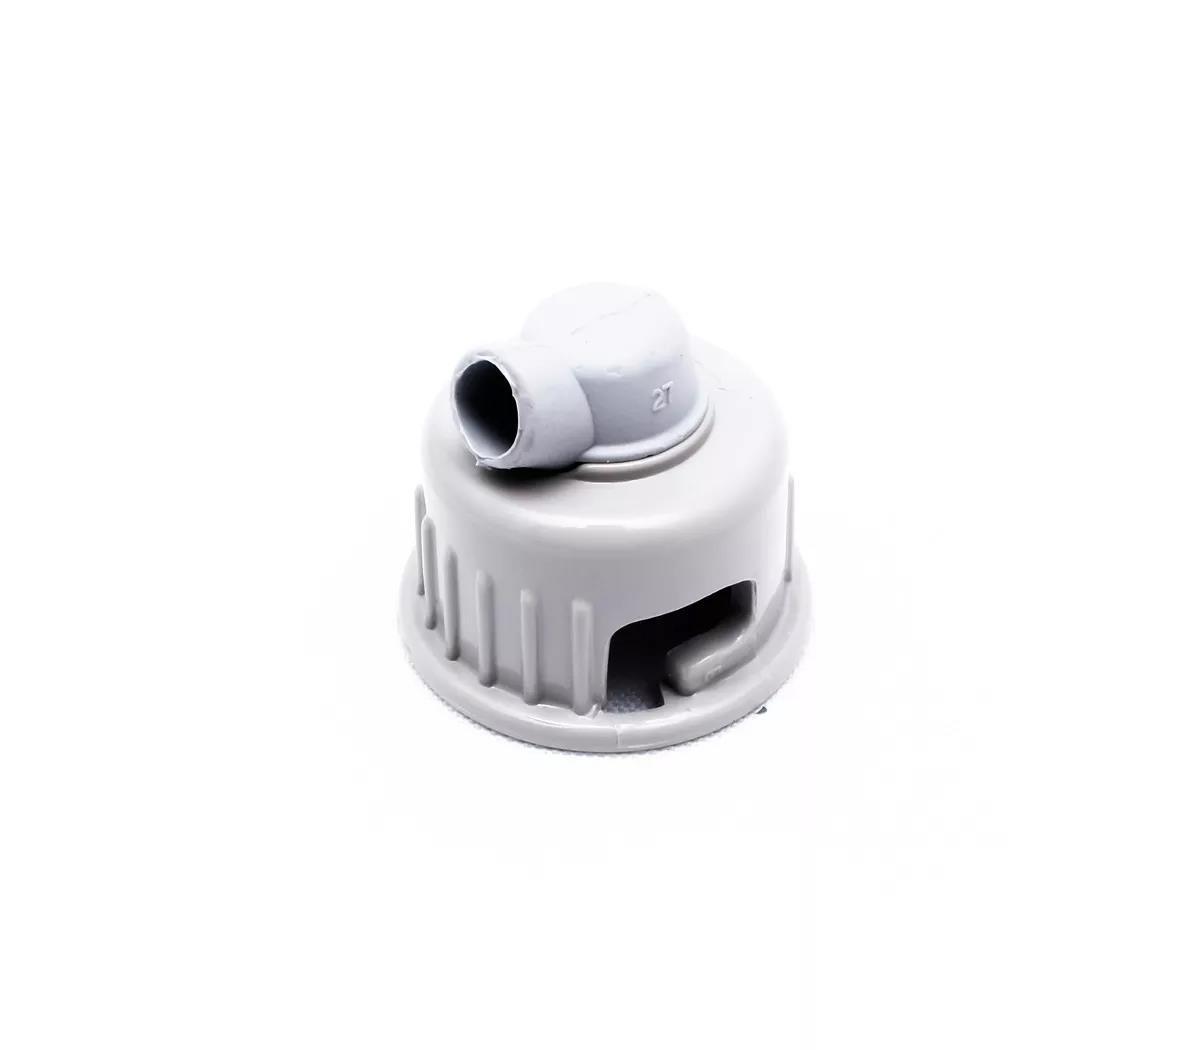 Imagem do produto Complemento Válvula Simples Bivolt Original Brastemp